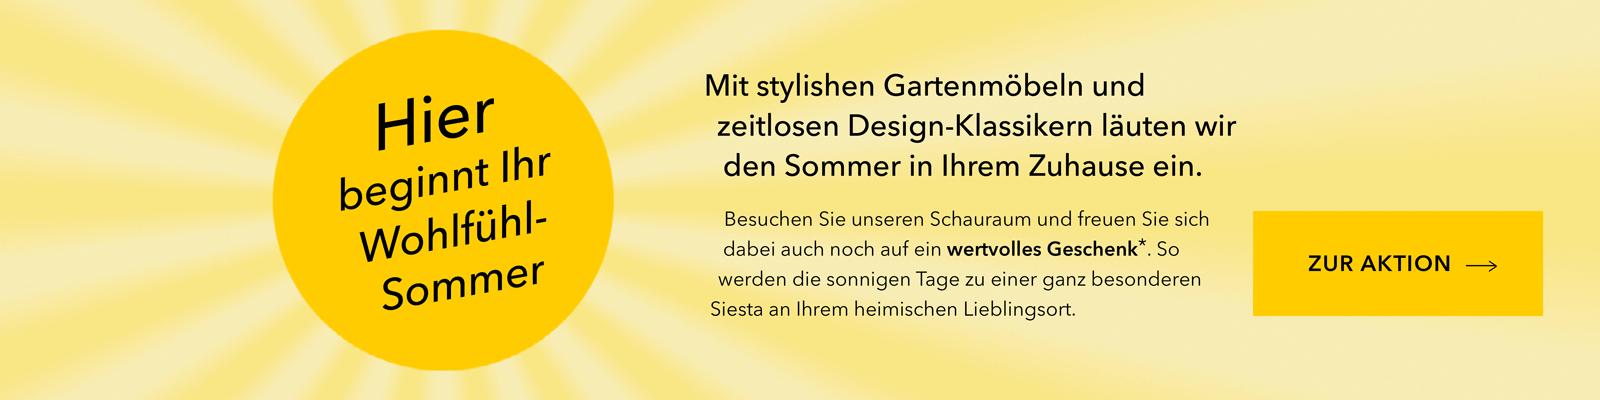 Abstrakte Sonne Text zur Bewerbung von Gartenmöbeln